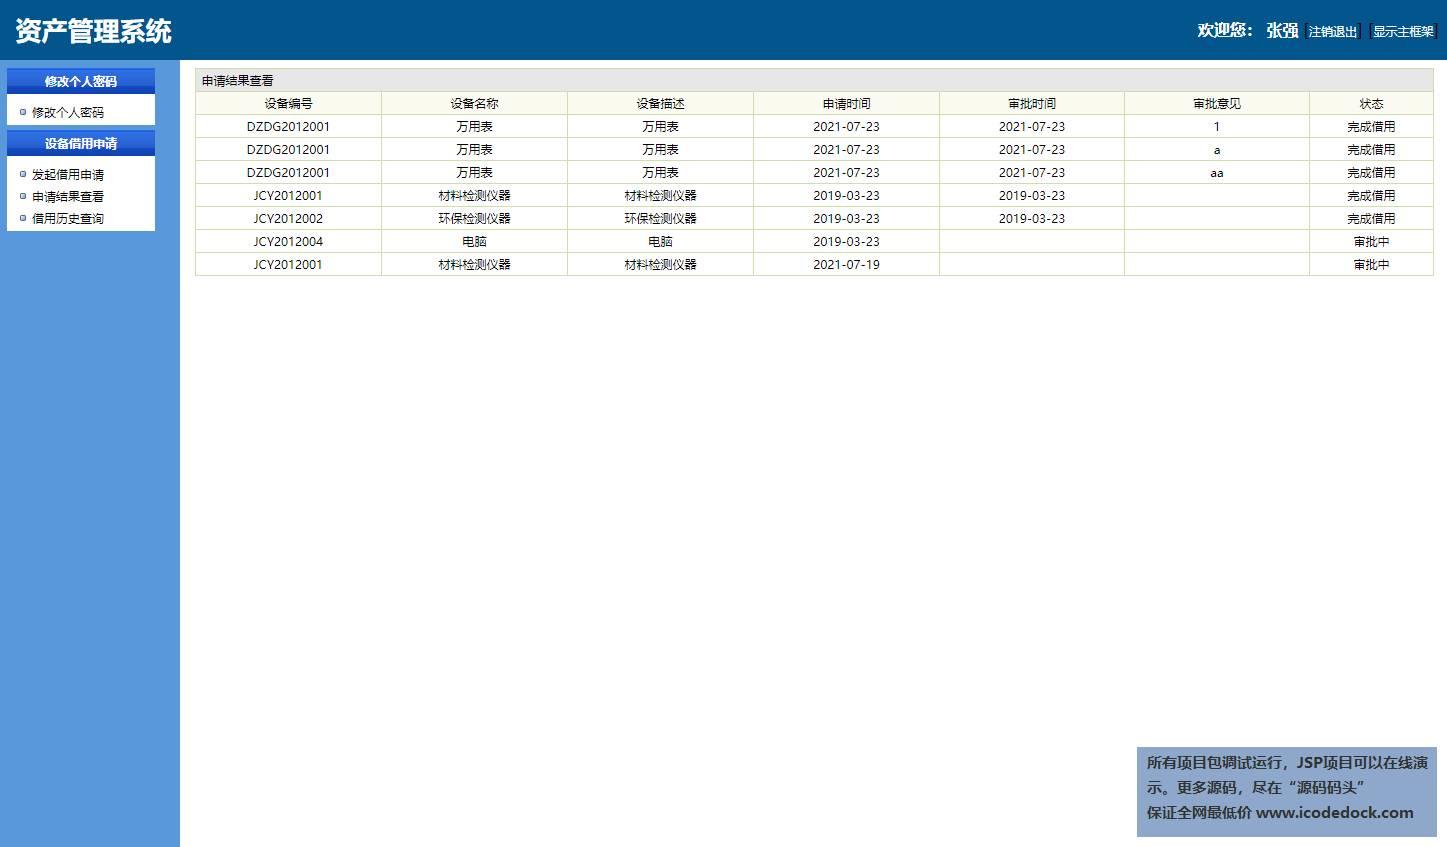 源码码头-SSH企业固定资产设备租借还管理系统-用户角色-申请结果查看